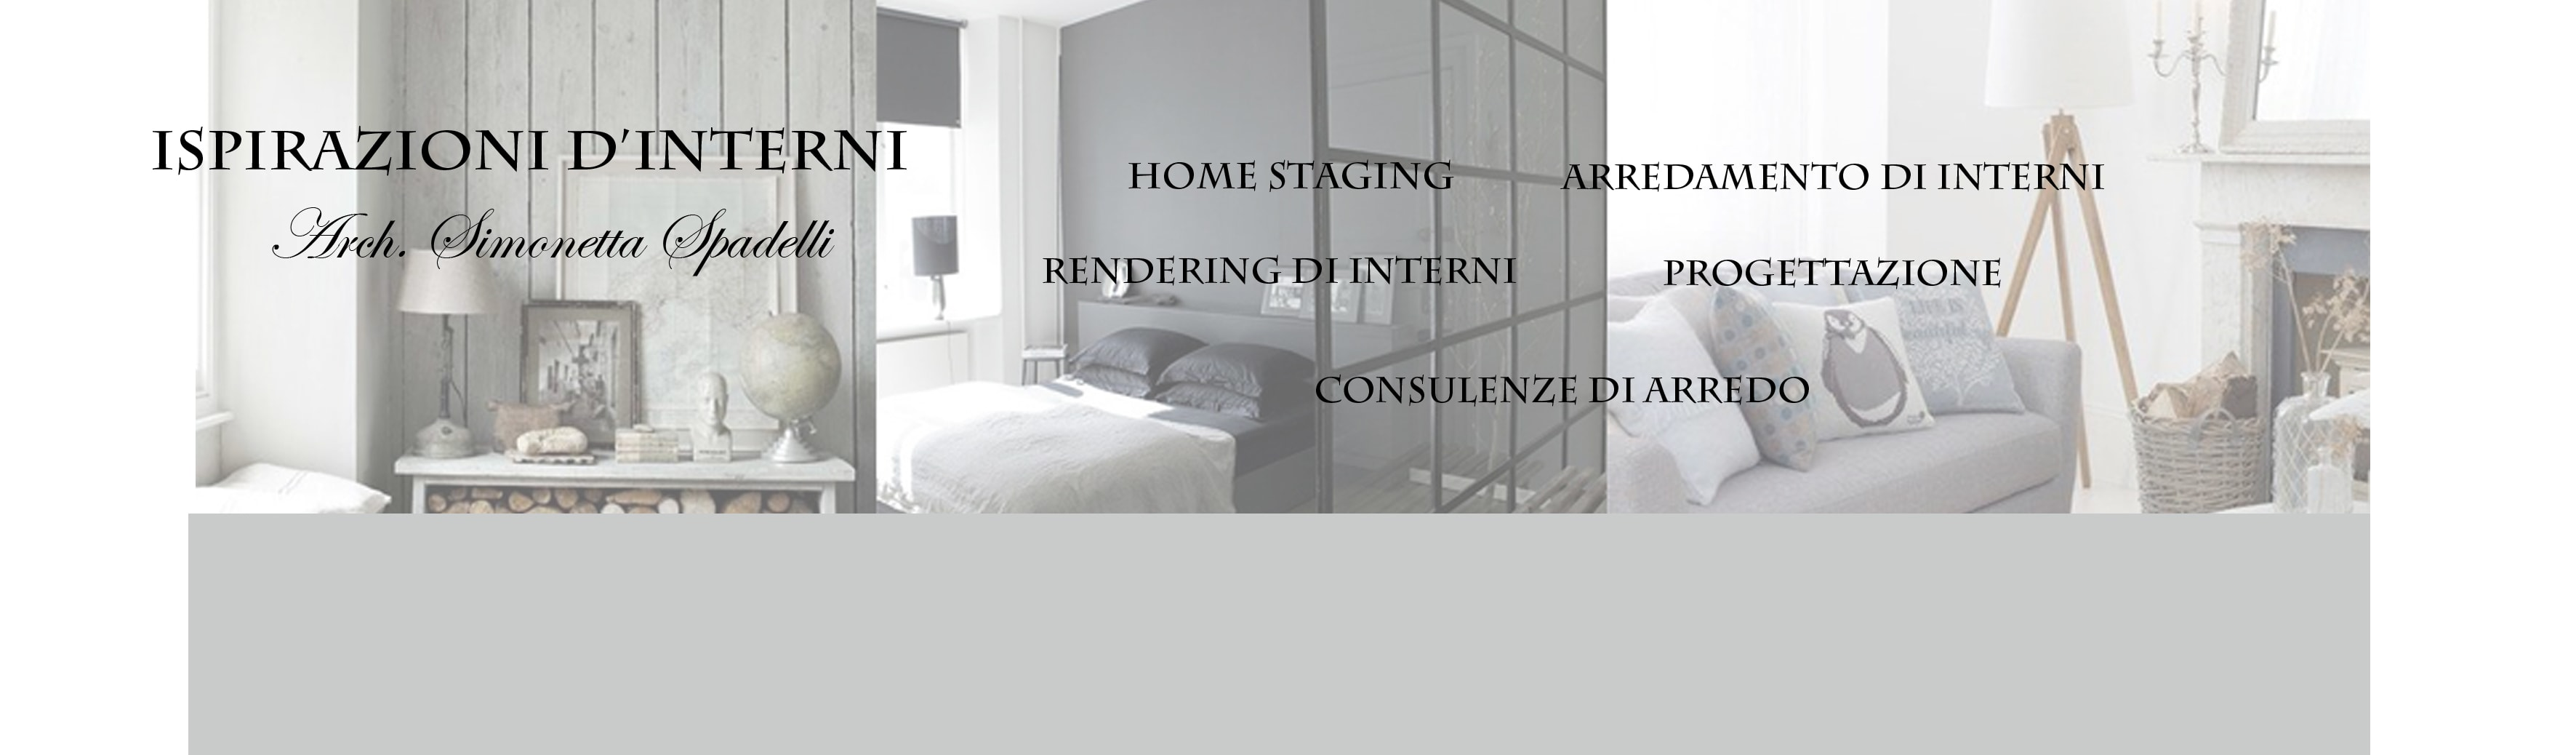 Ispirazioni d'interni Arch. Simonetta Spadelli